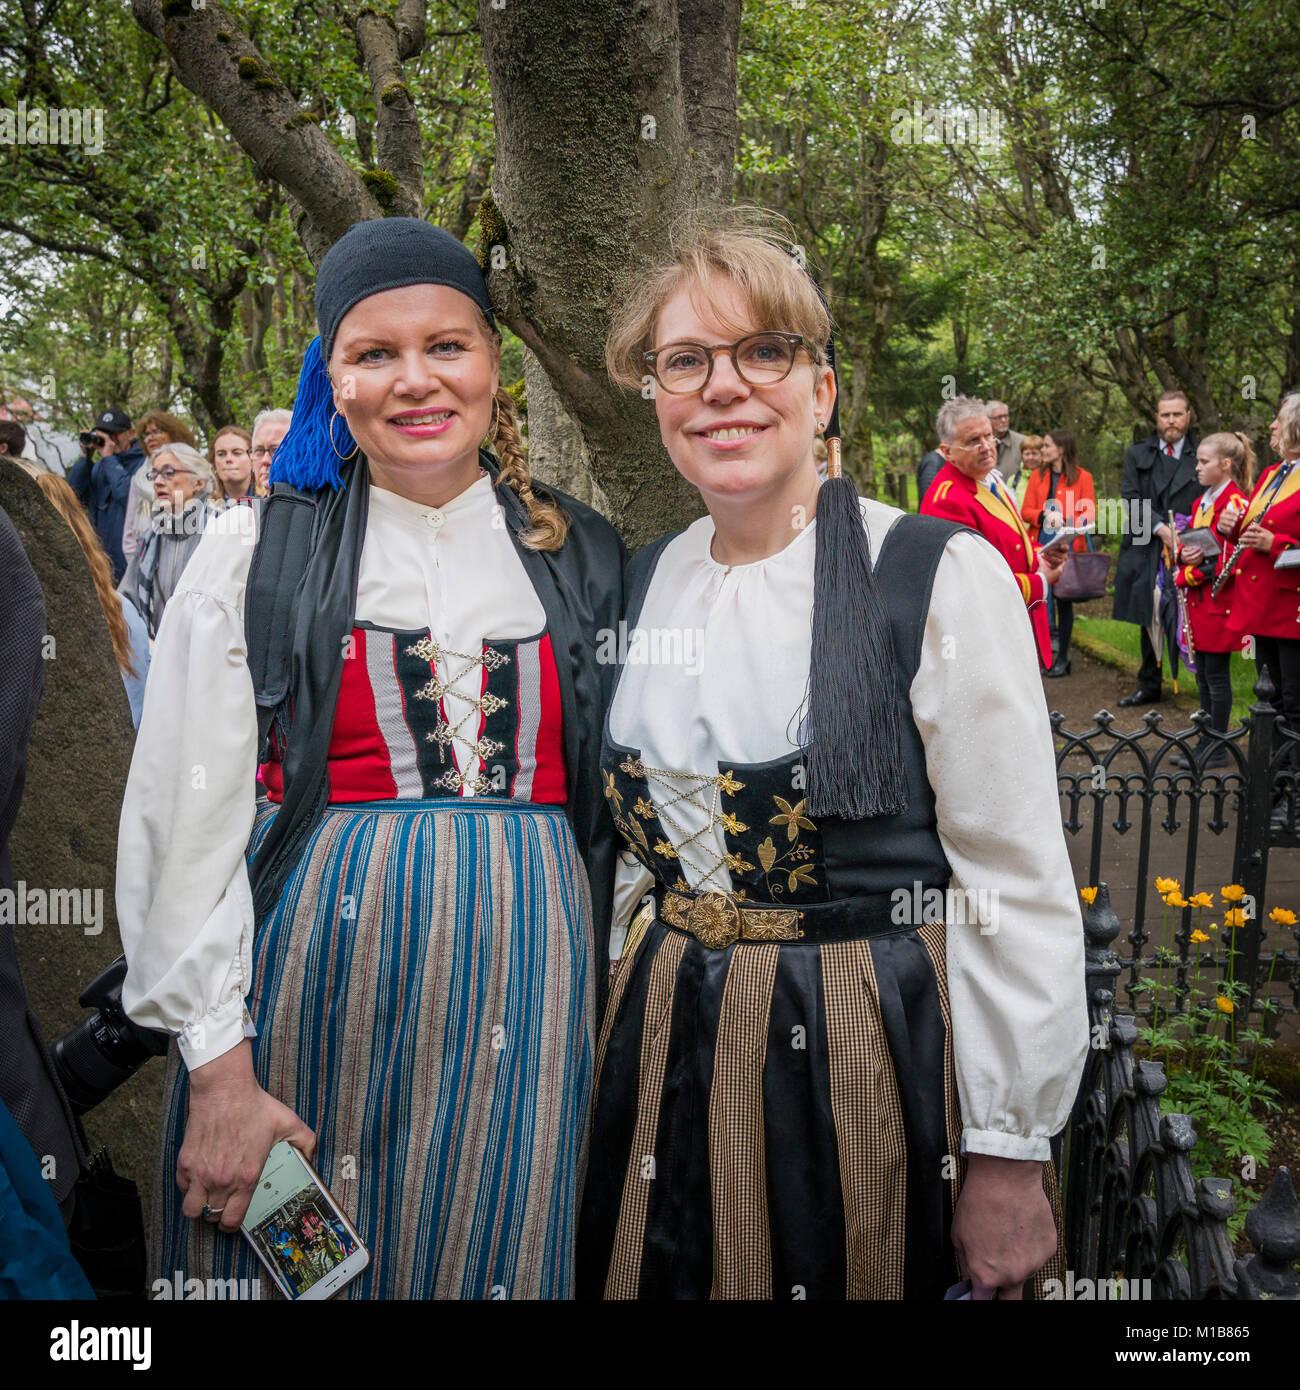 Celebración Costumes-Summer nacionales tradicionales, el día de la independencia, Reykjavik, Iceland Imagen De Stock